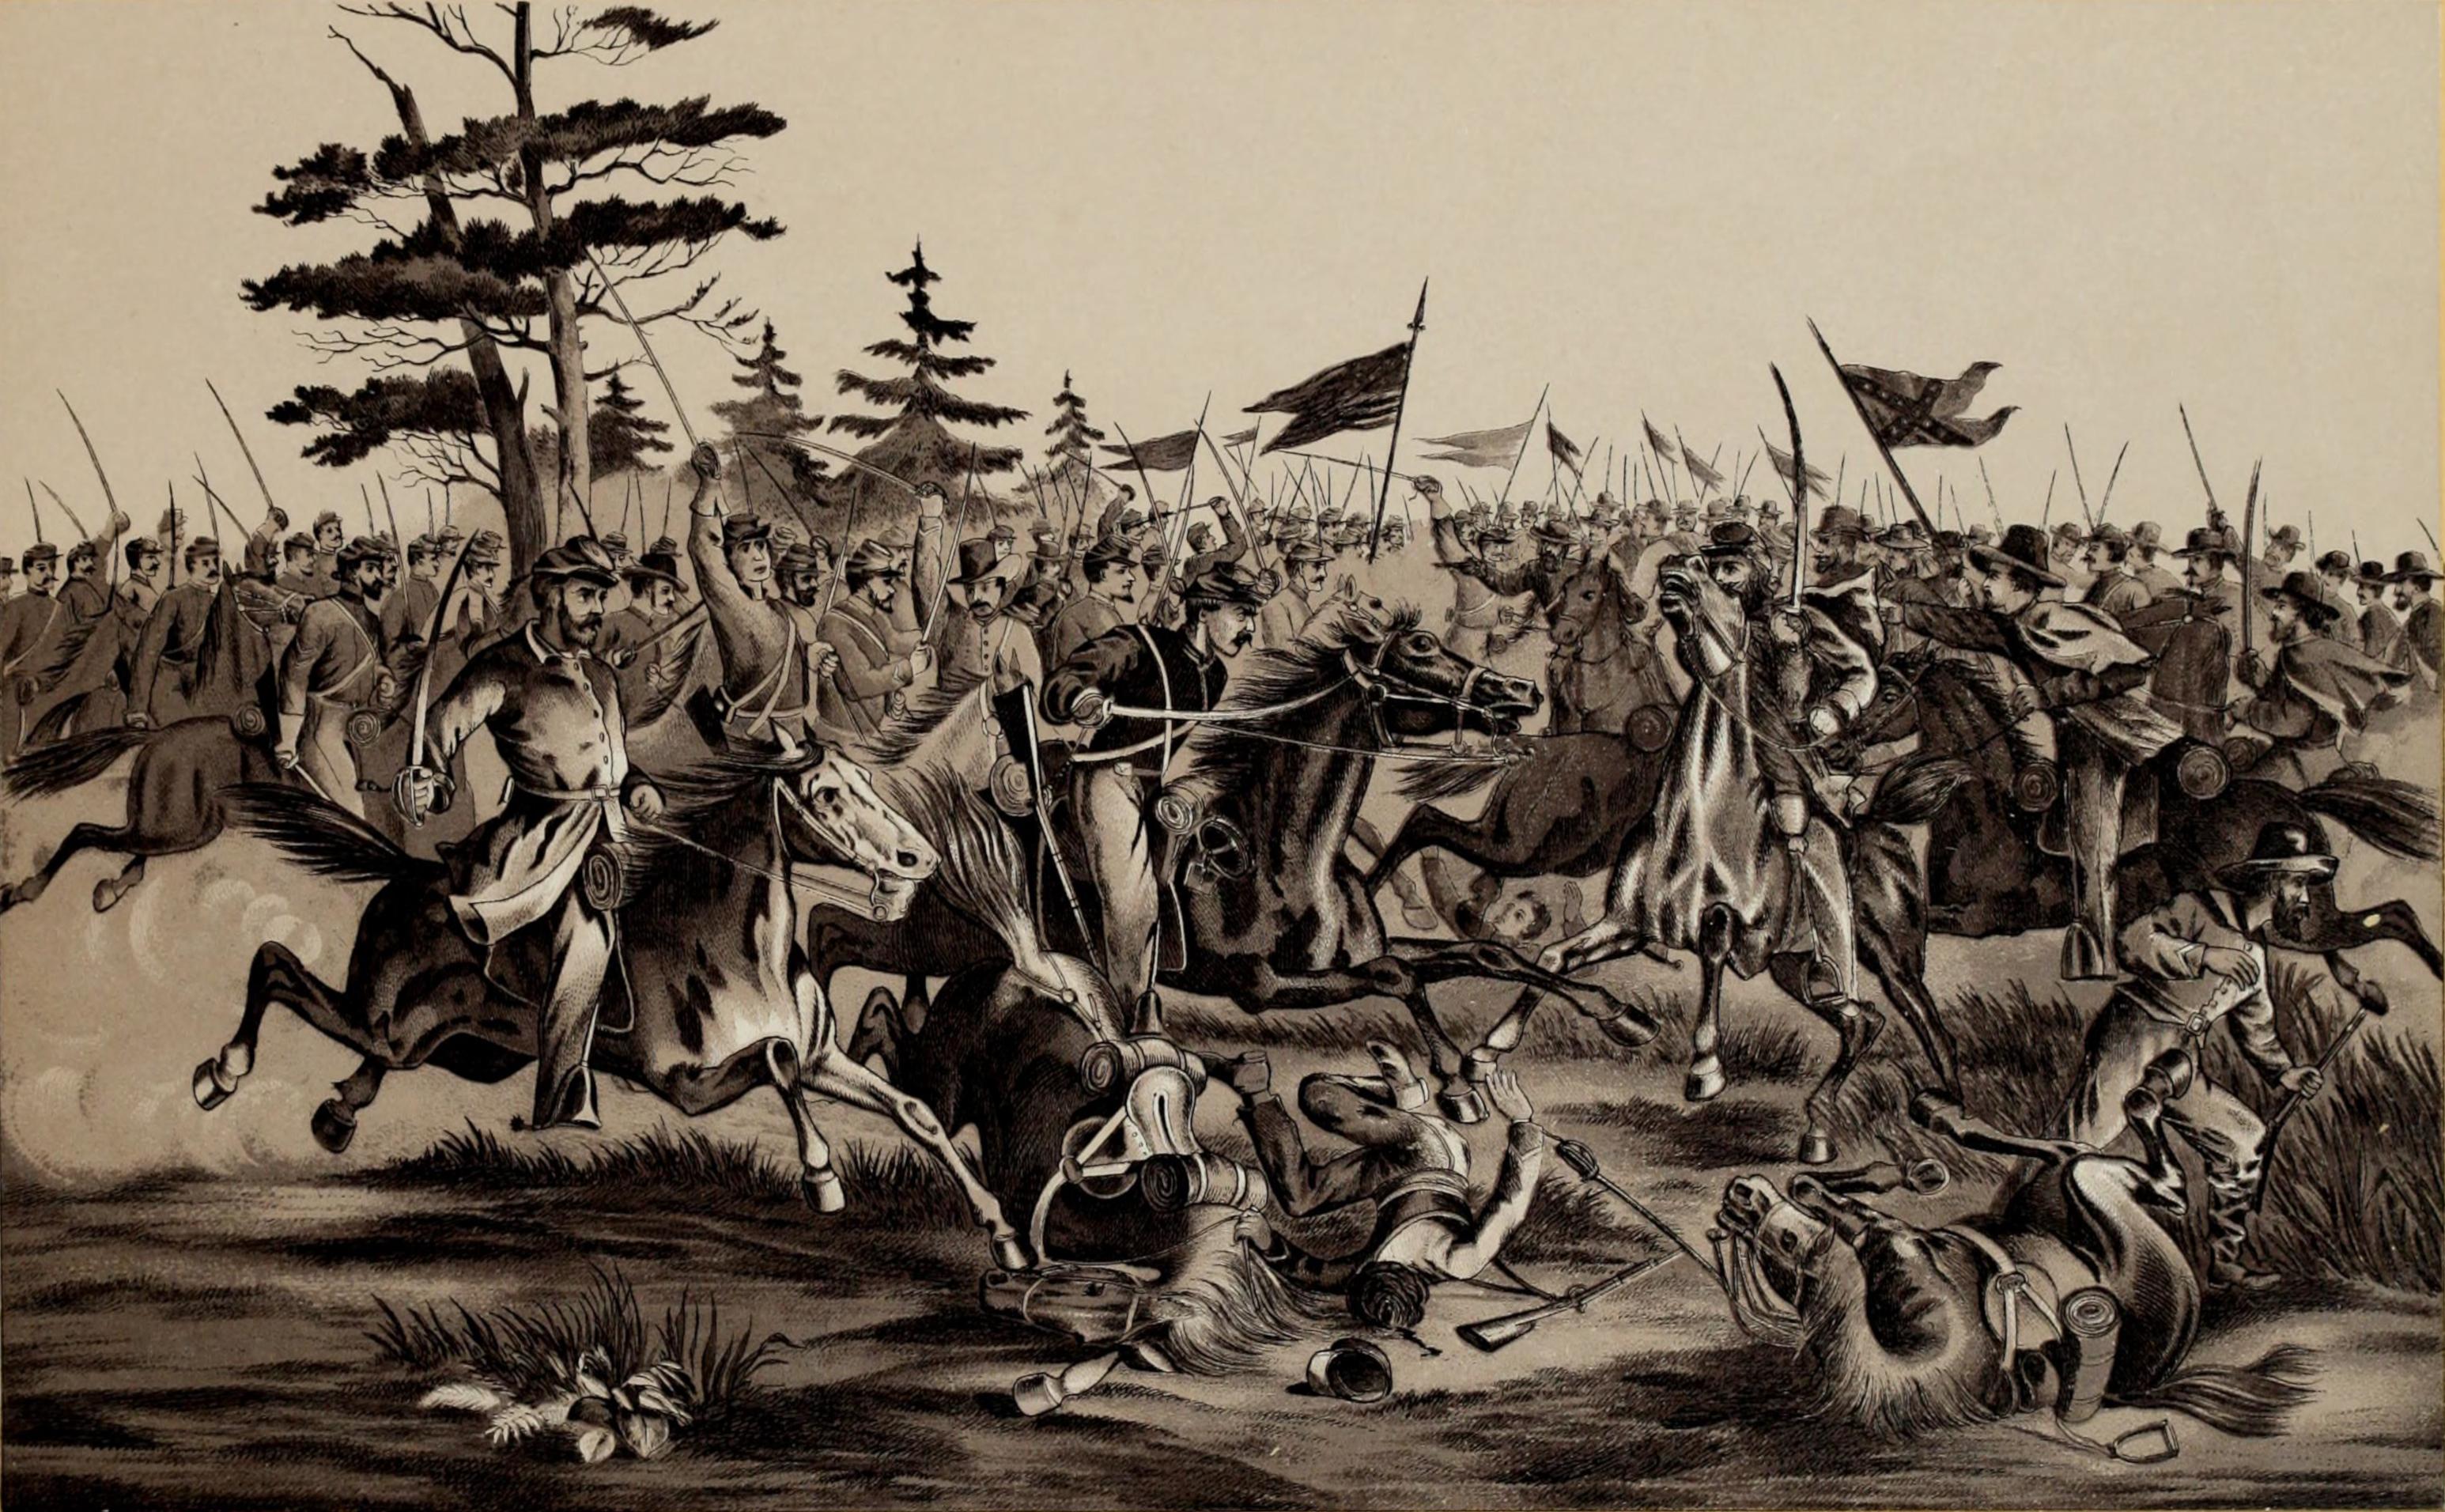 Battle of Yellow Tavern - Wikipedia